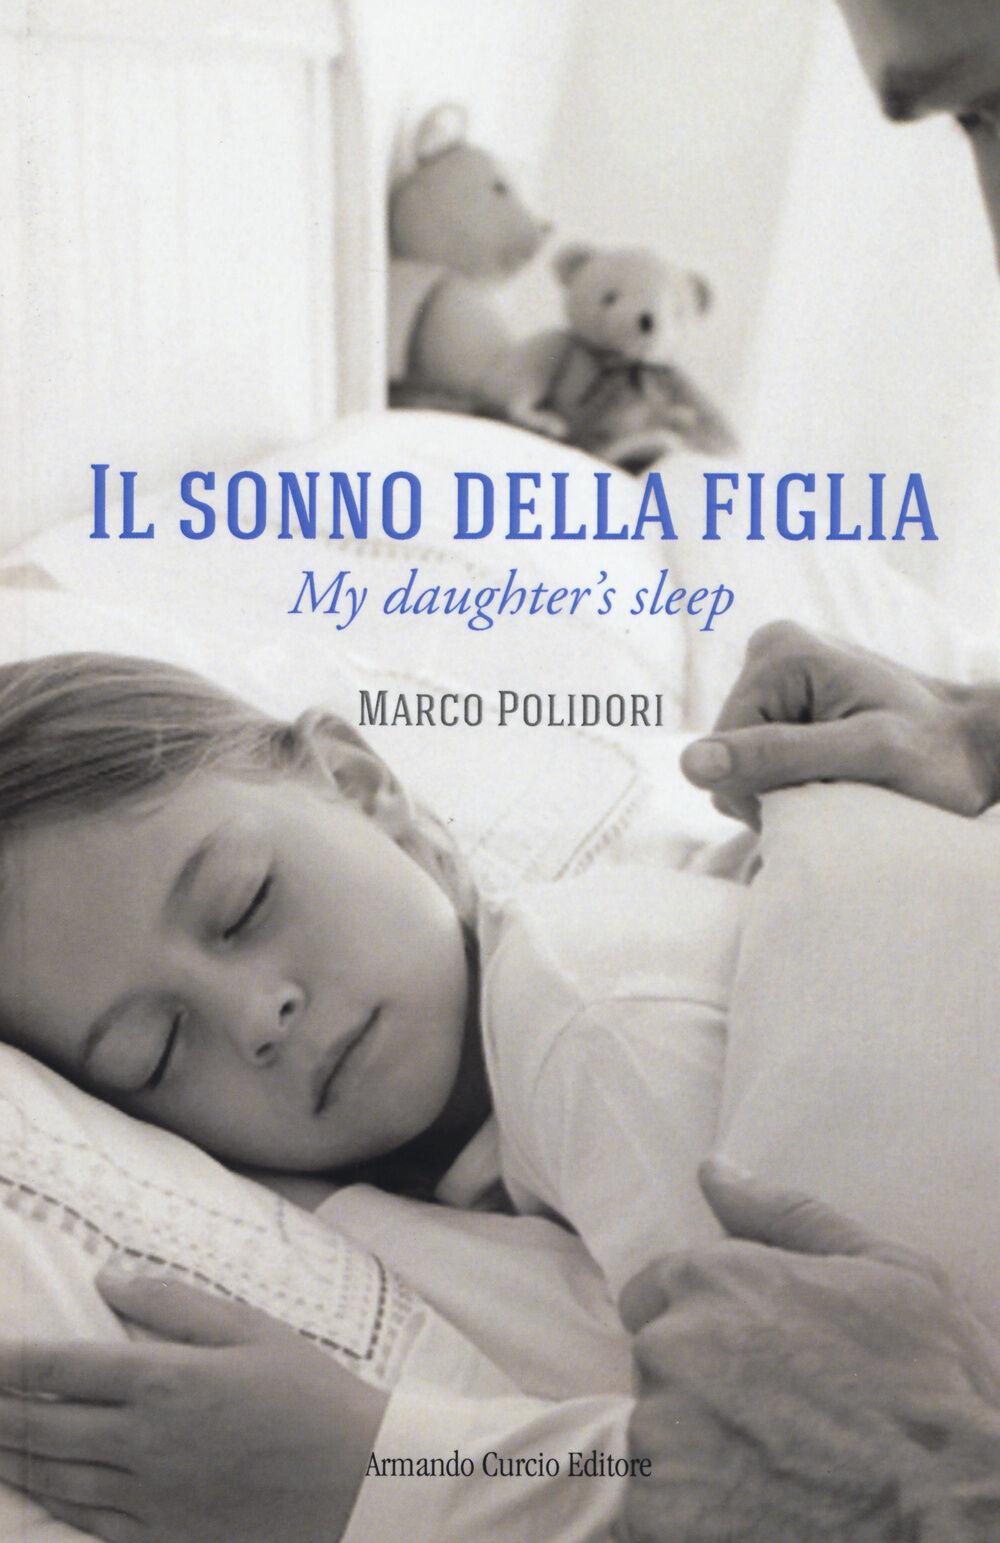 Il sonno della figlia-My daughter's sleep